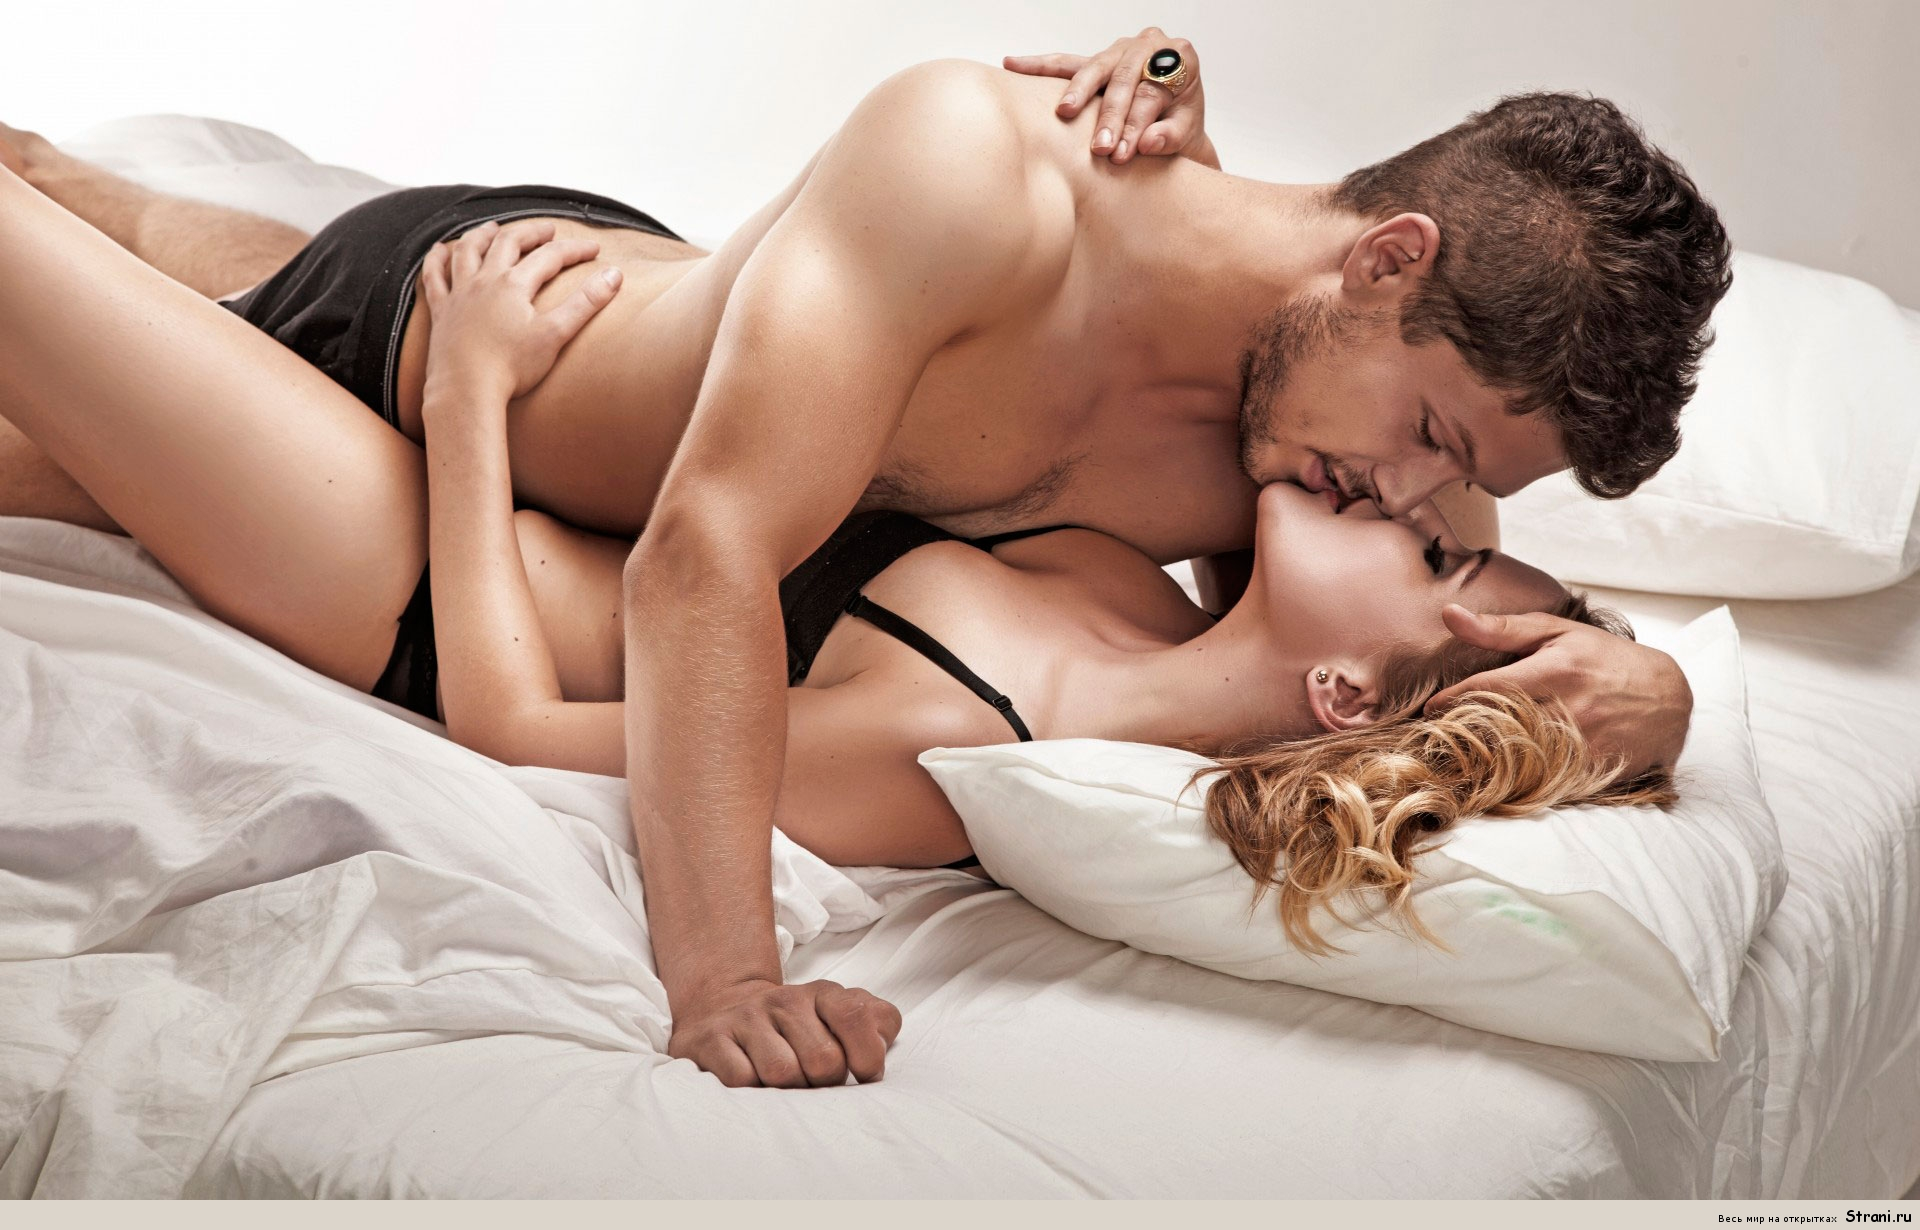 Эмоциональная секс в доме 1 фотография